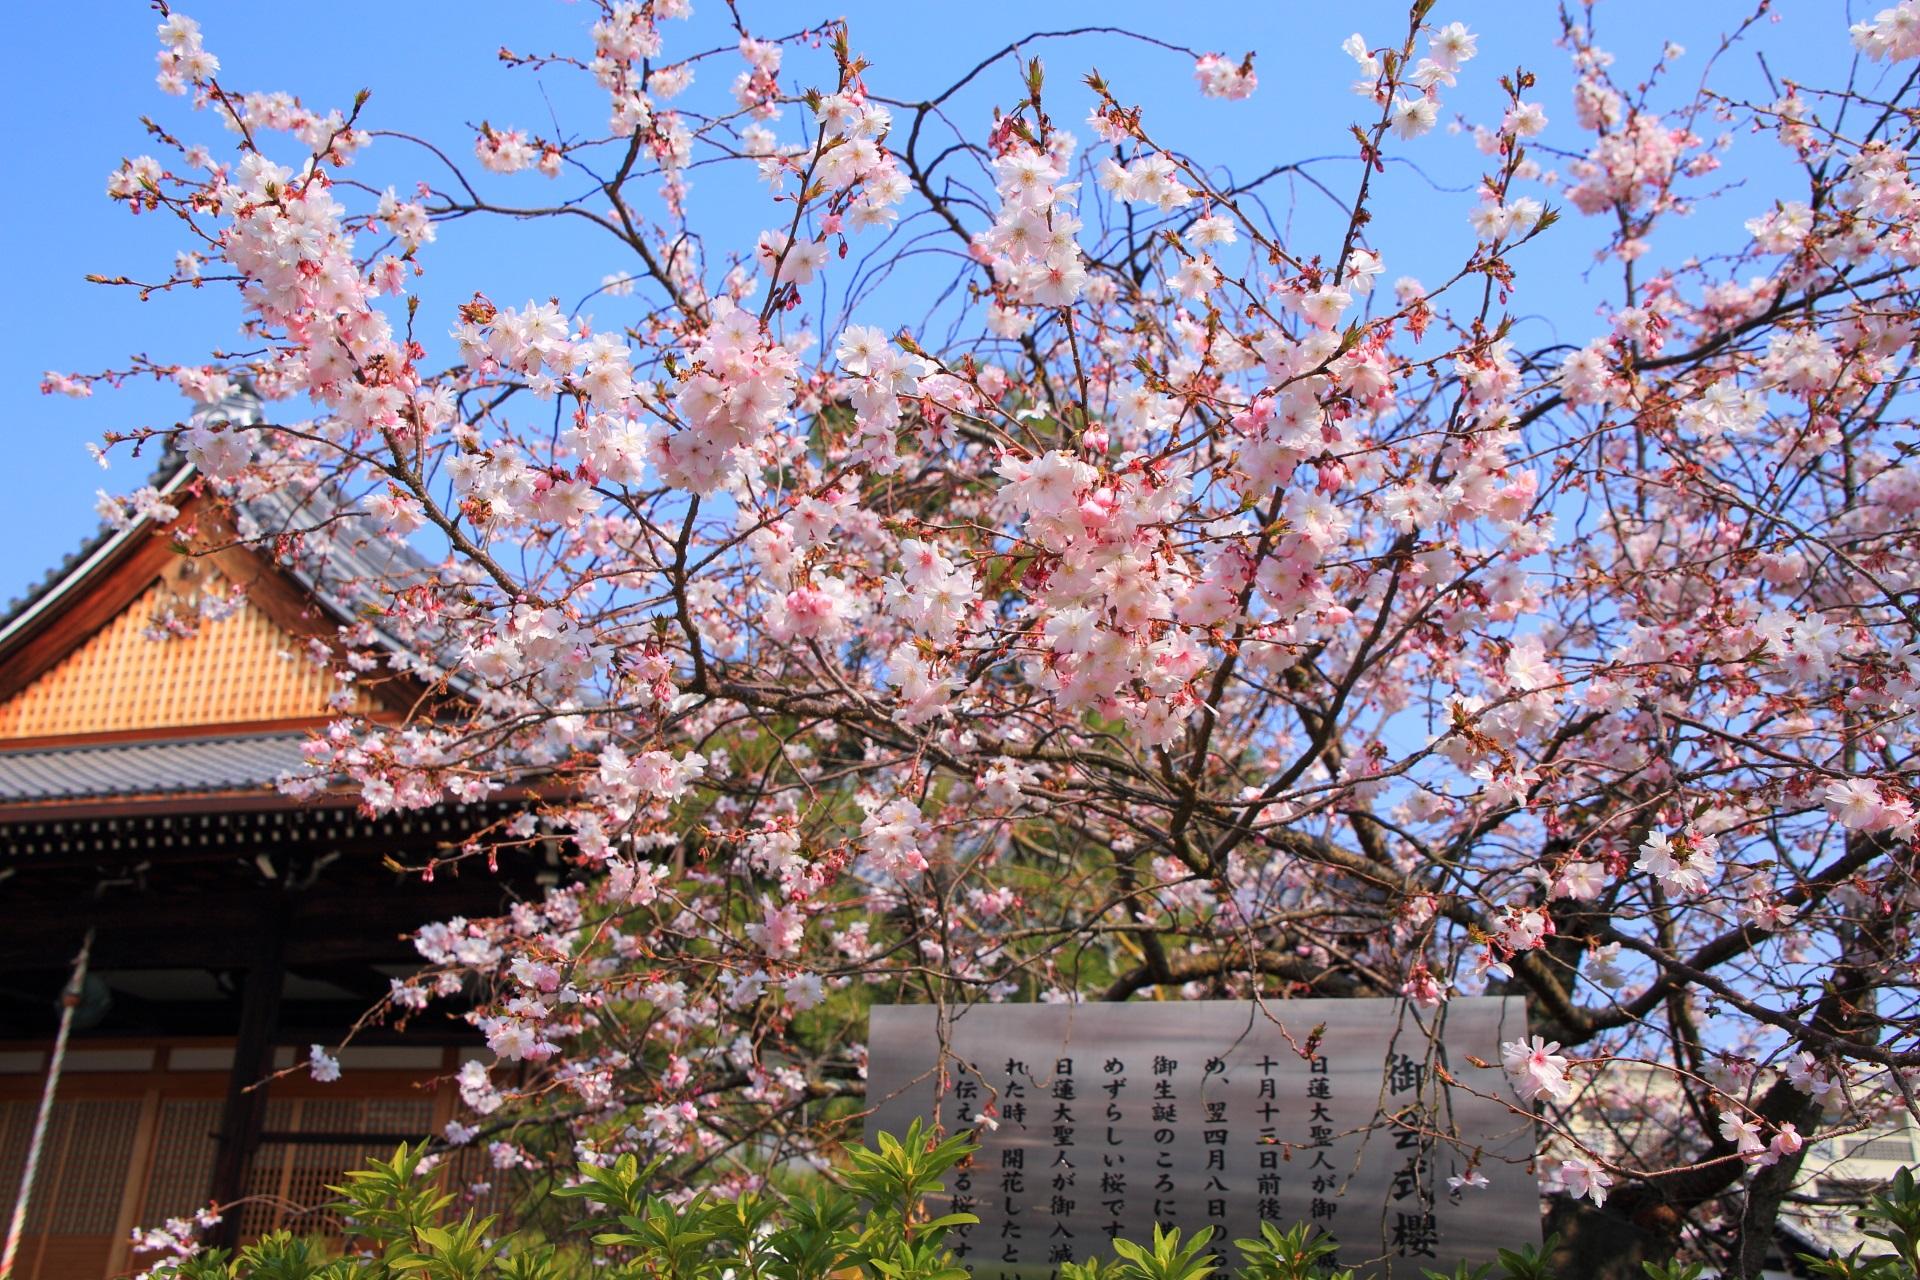 妙蓮寺の素晴らしい御会式桜と春の情景